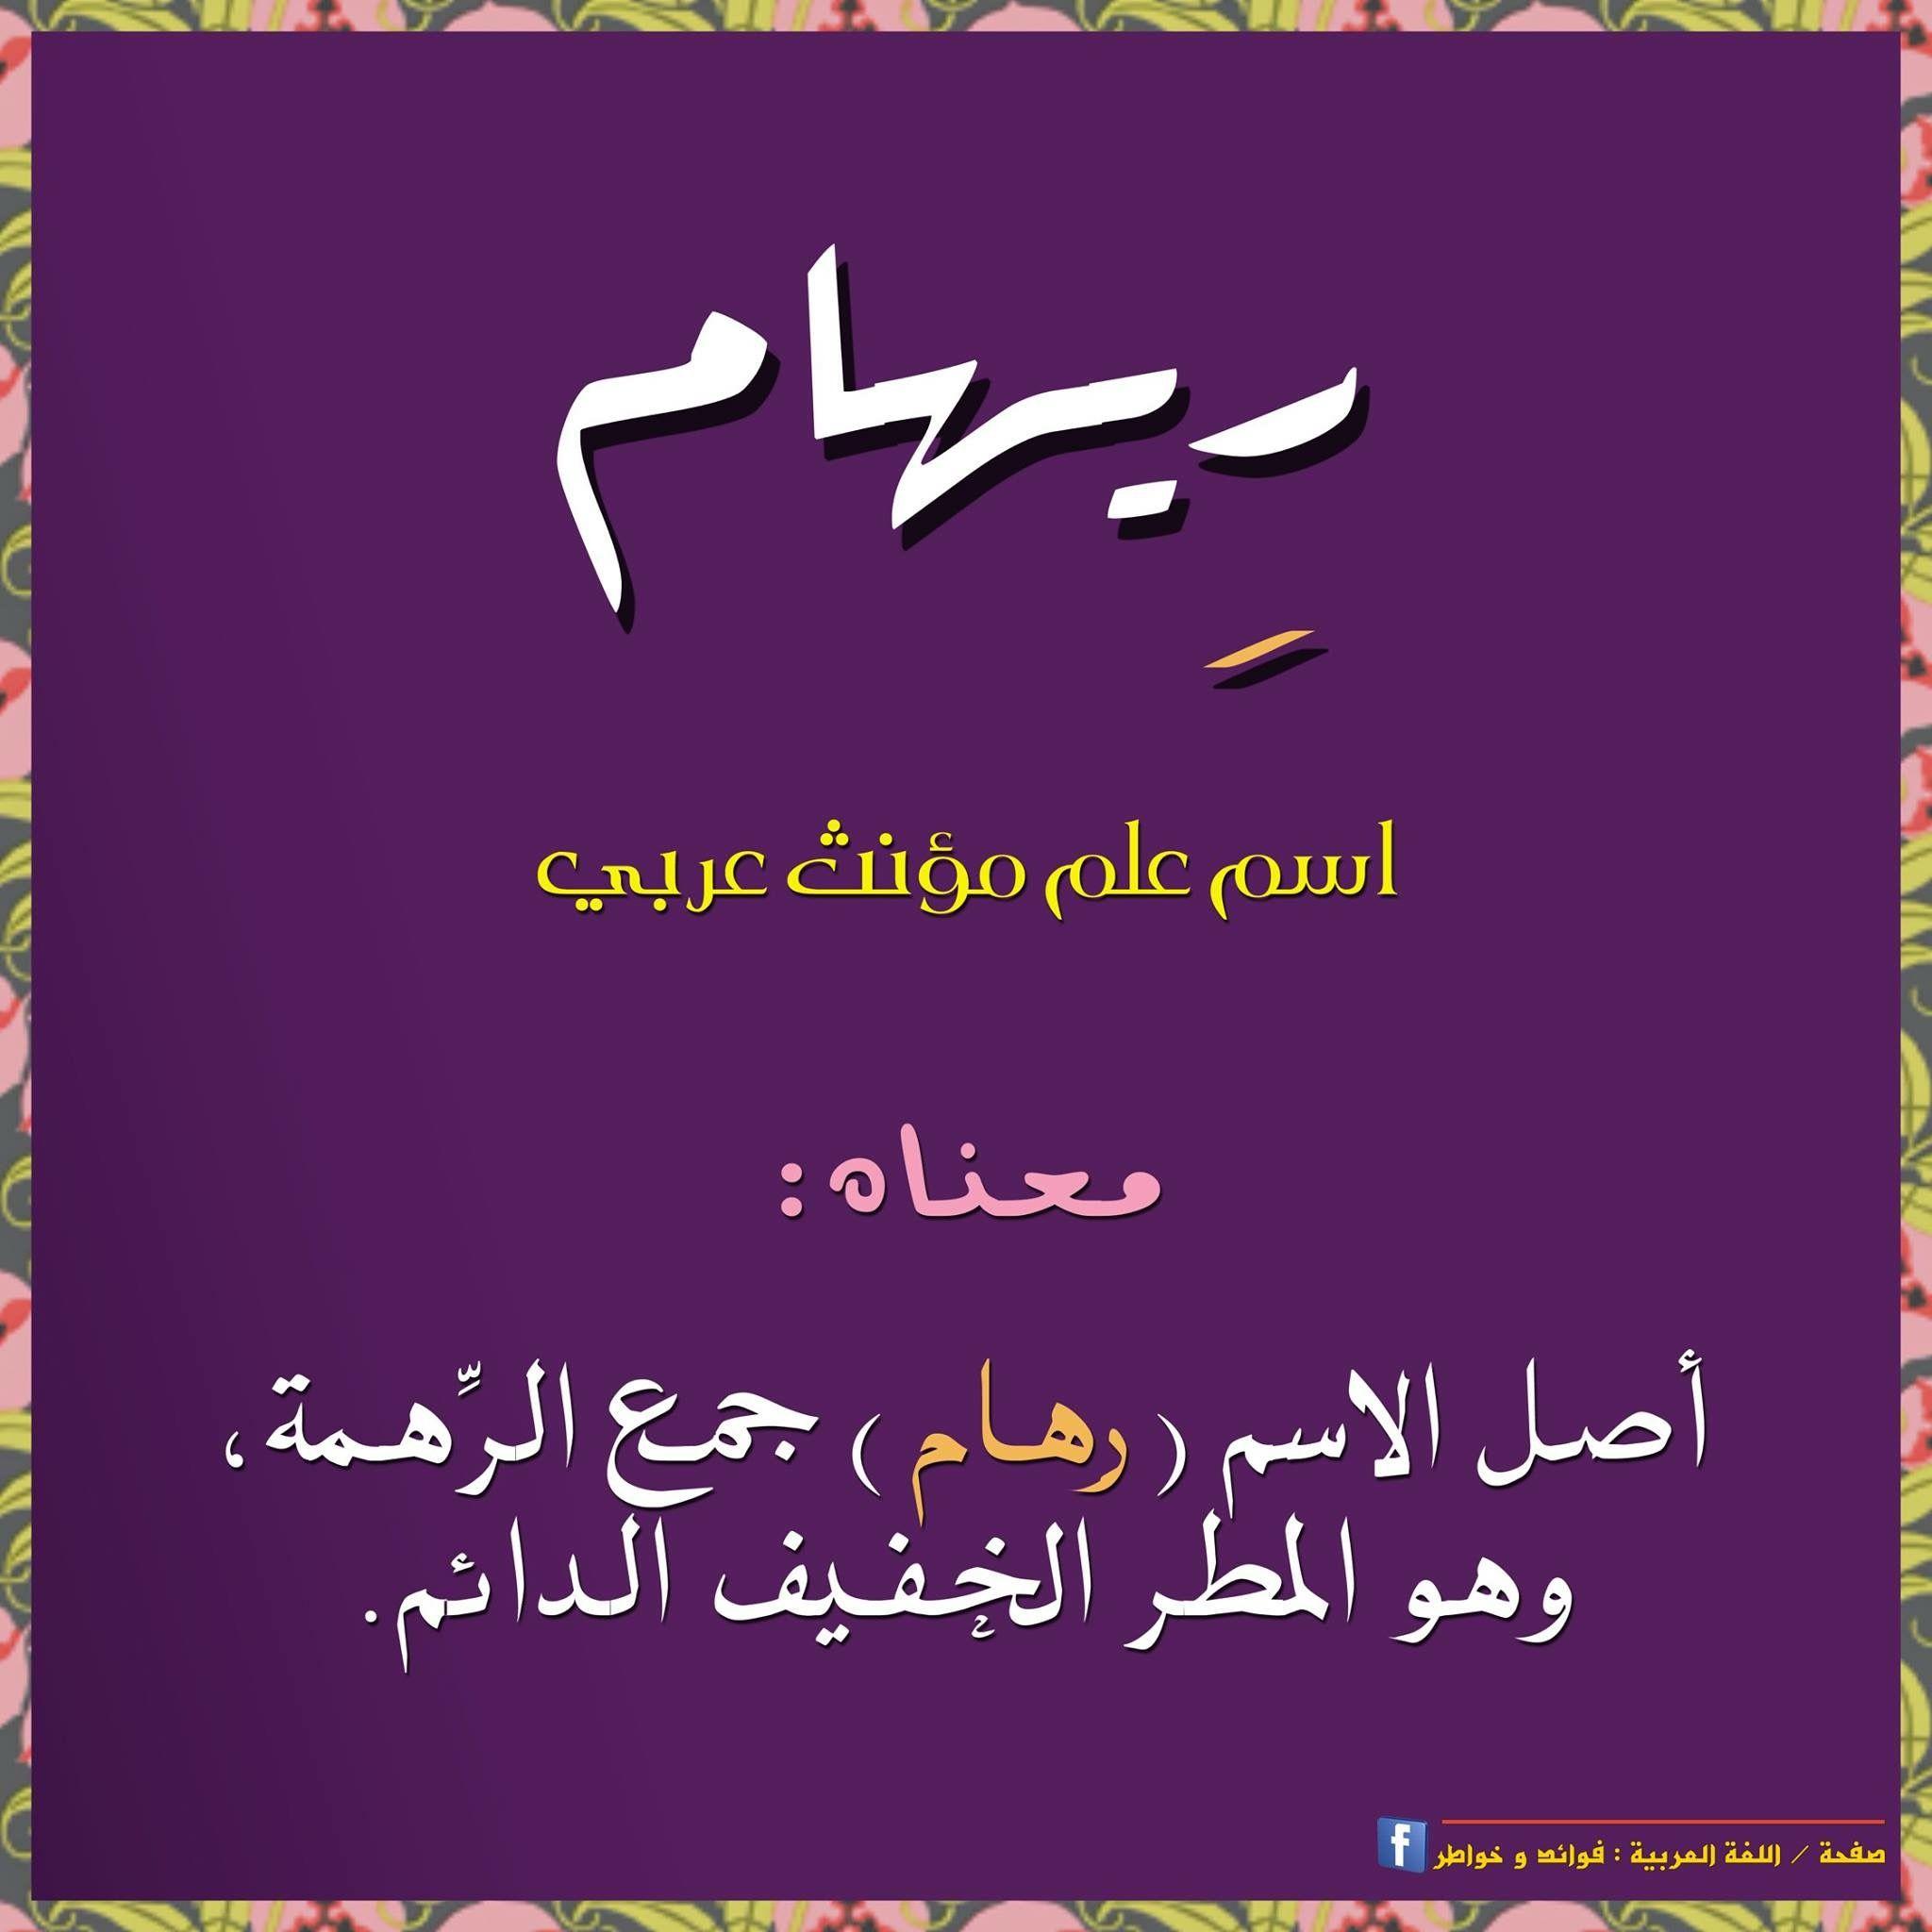 Pin By Khaled Bahnasawy On منوعة عربية Pretty Words Learn Arabic Language Learning Arabic